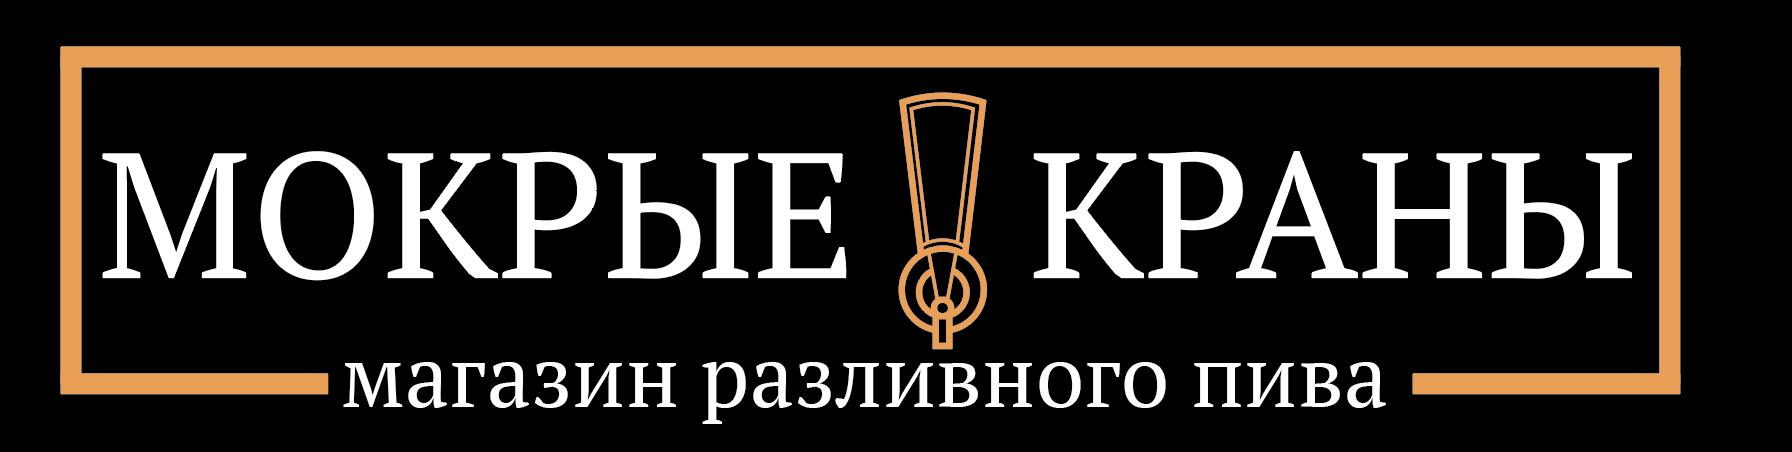 Вывеска/логотип для пивного магазина фото f_26060216f9a9e8b6.png